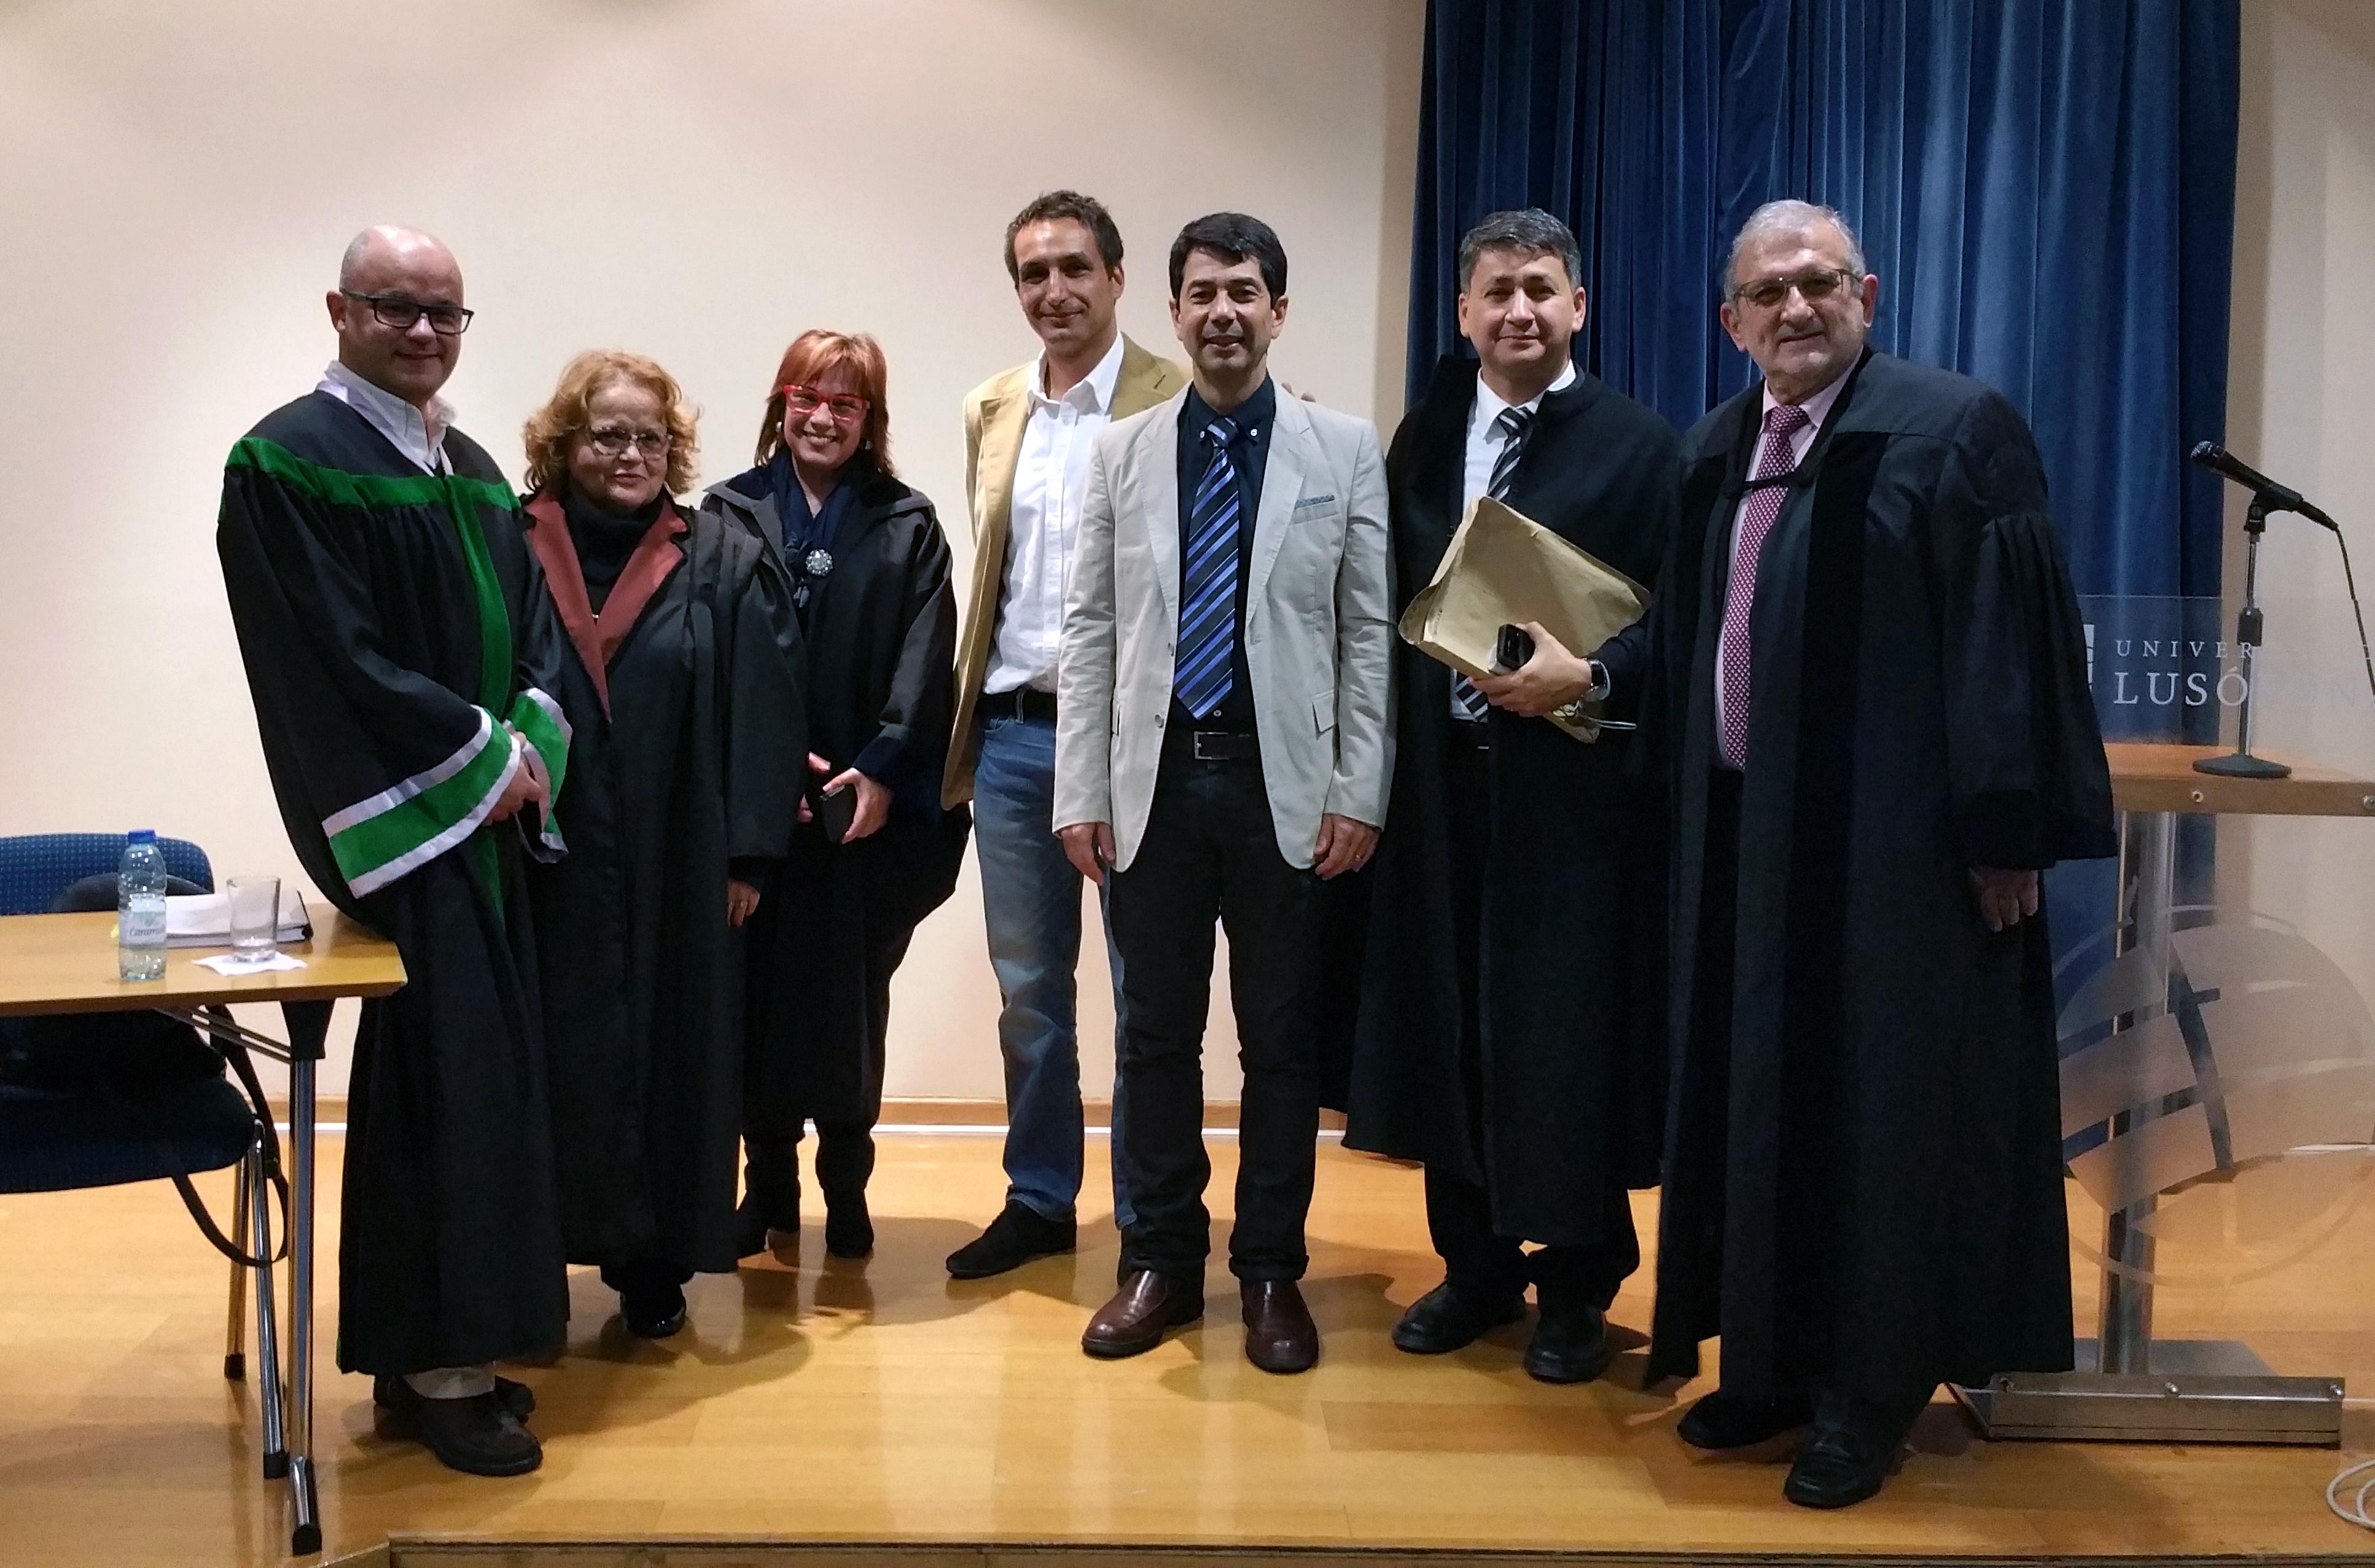 Paulo Moraes defendeu a sua tese de Doutoramento em Educação